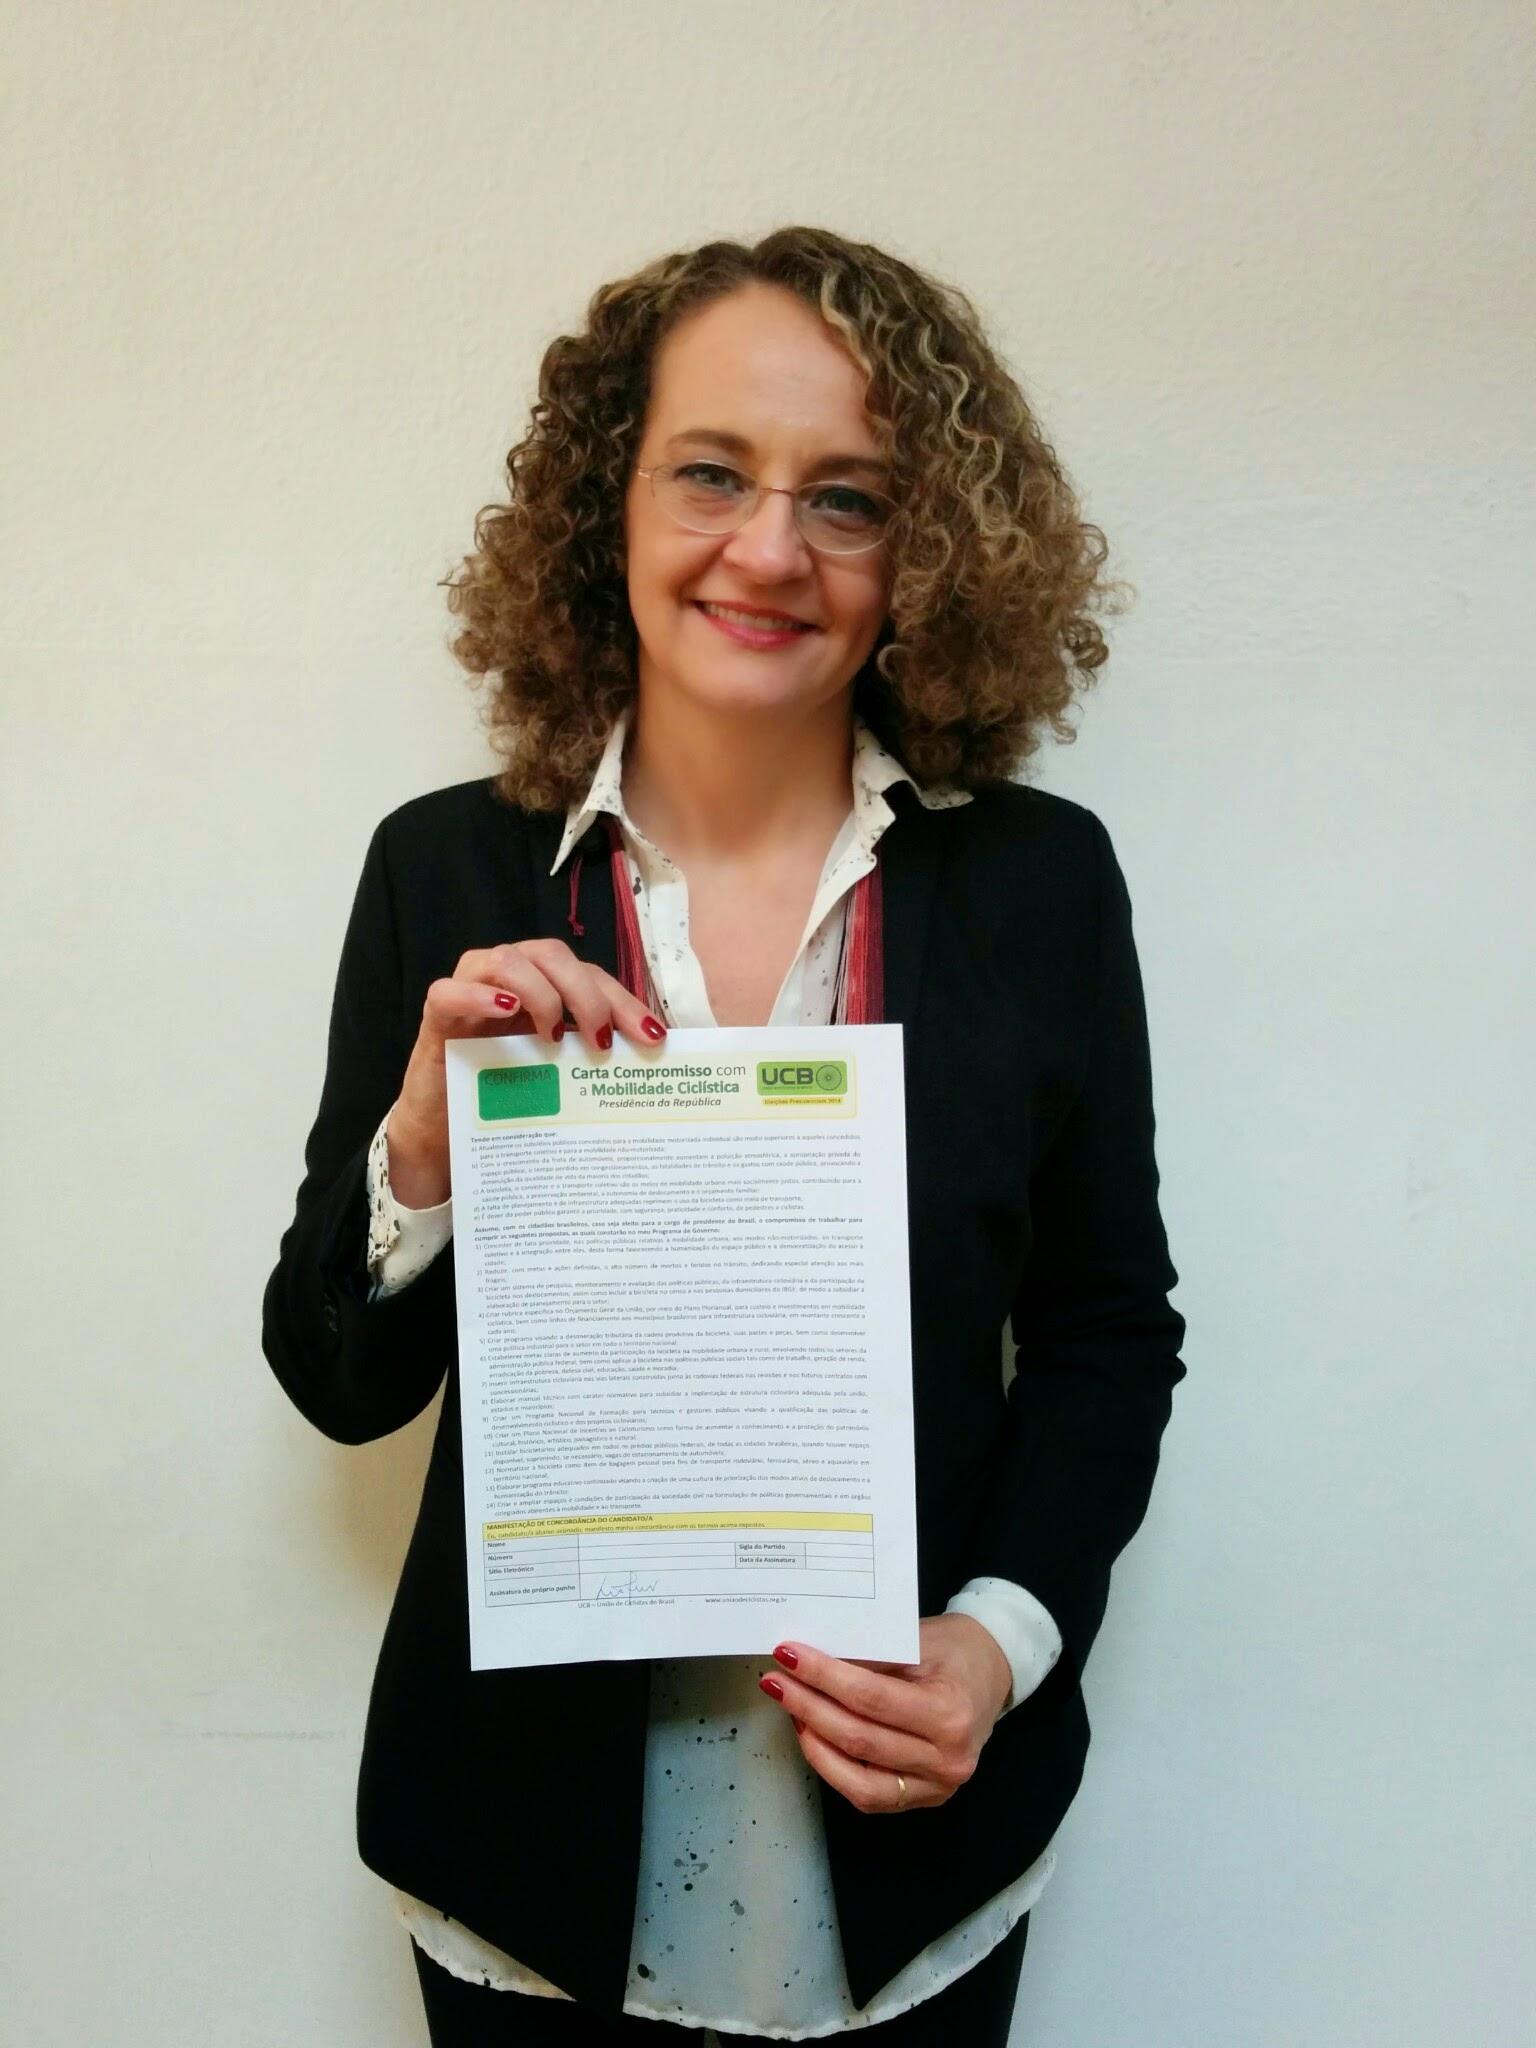 2014-09-28 - Luciana Genro Assina Carta